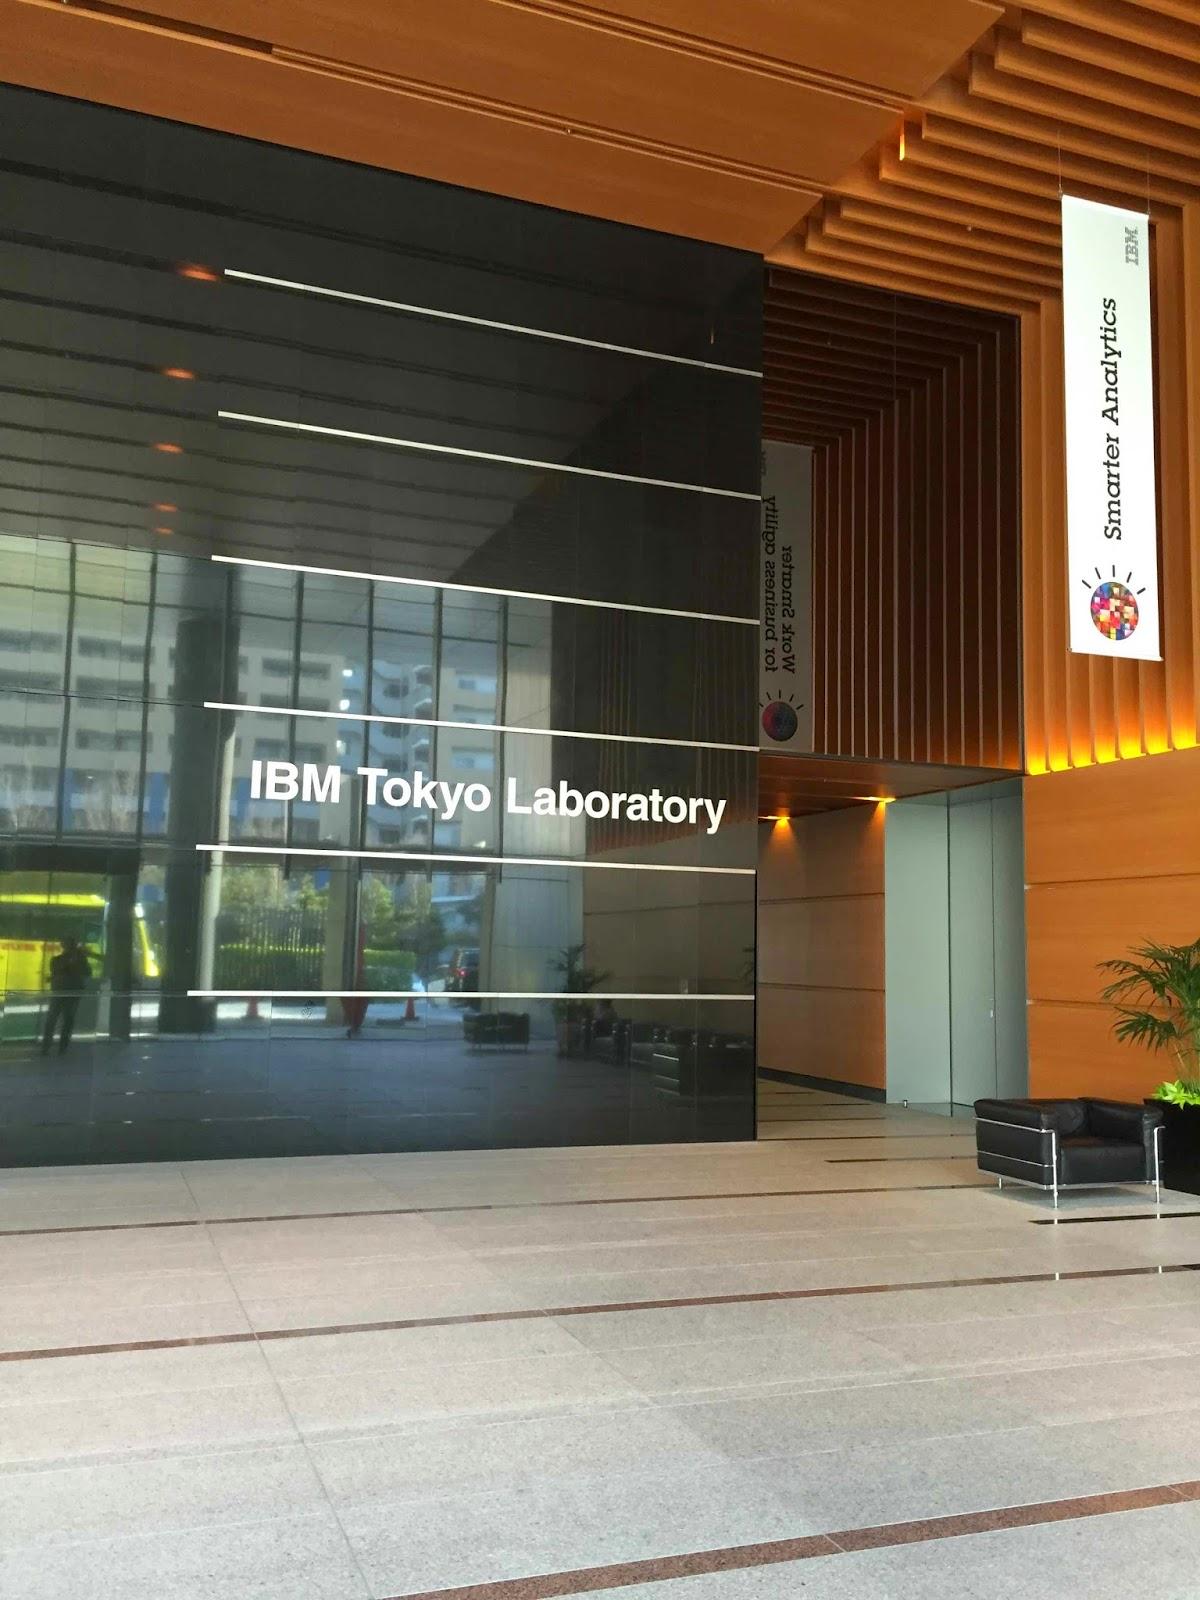 直島とIBM基礎研究所 day3   Smi...